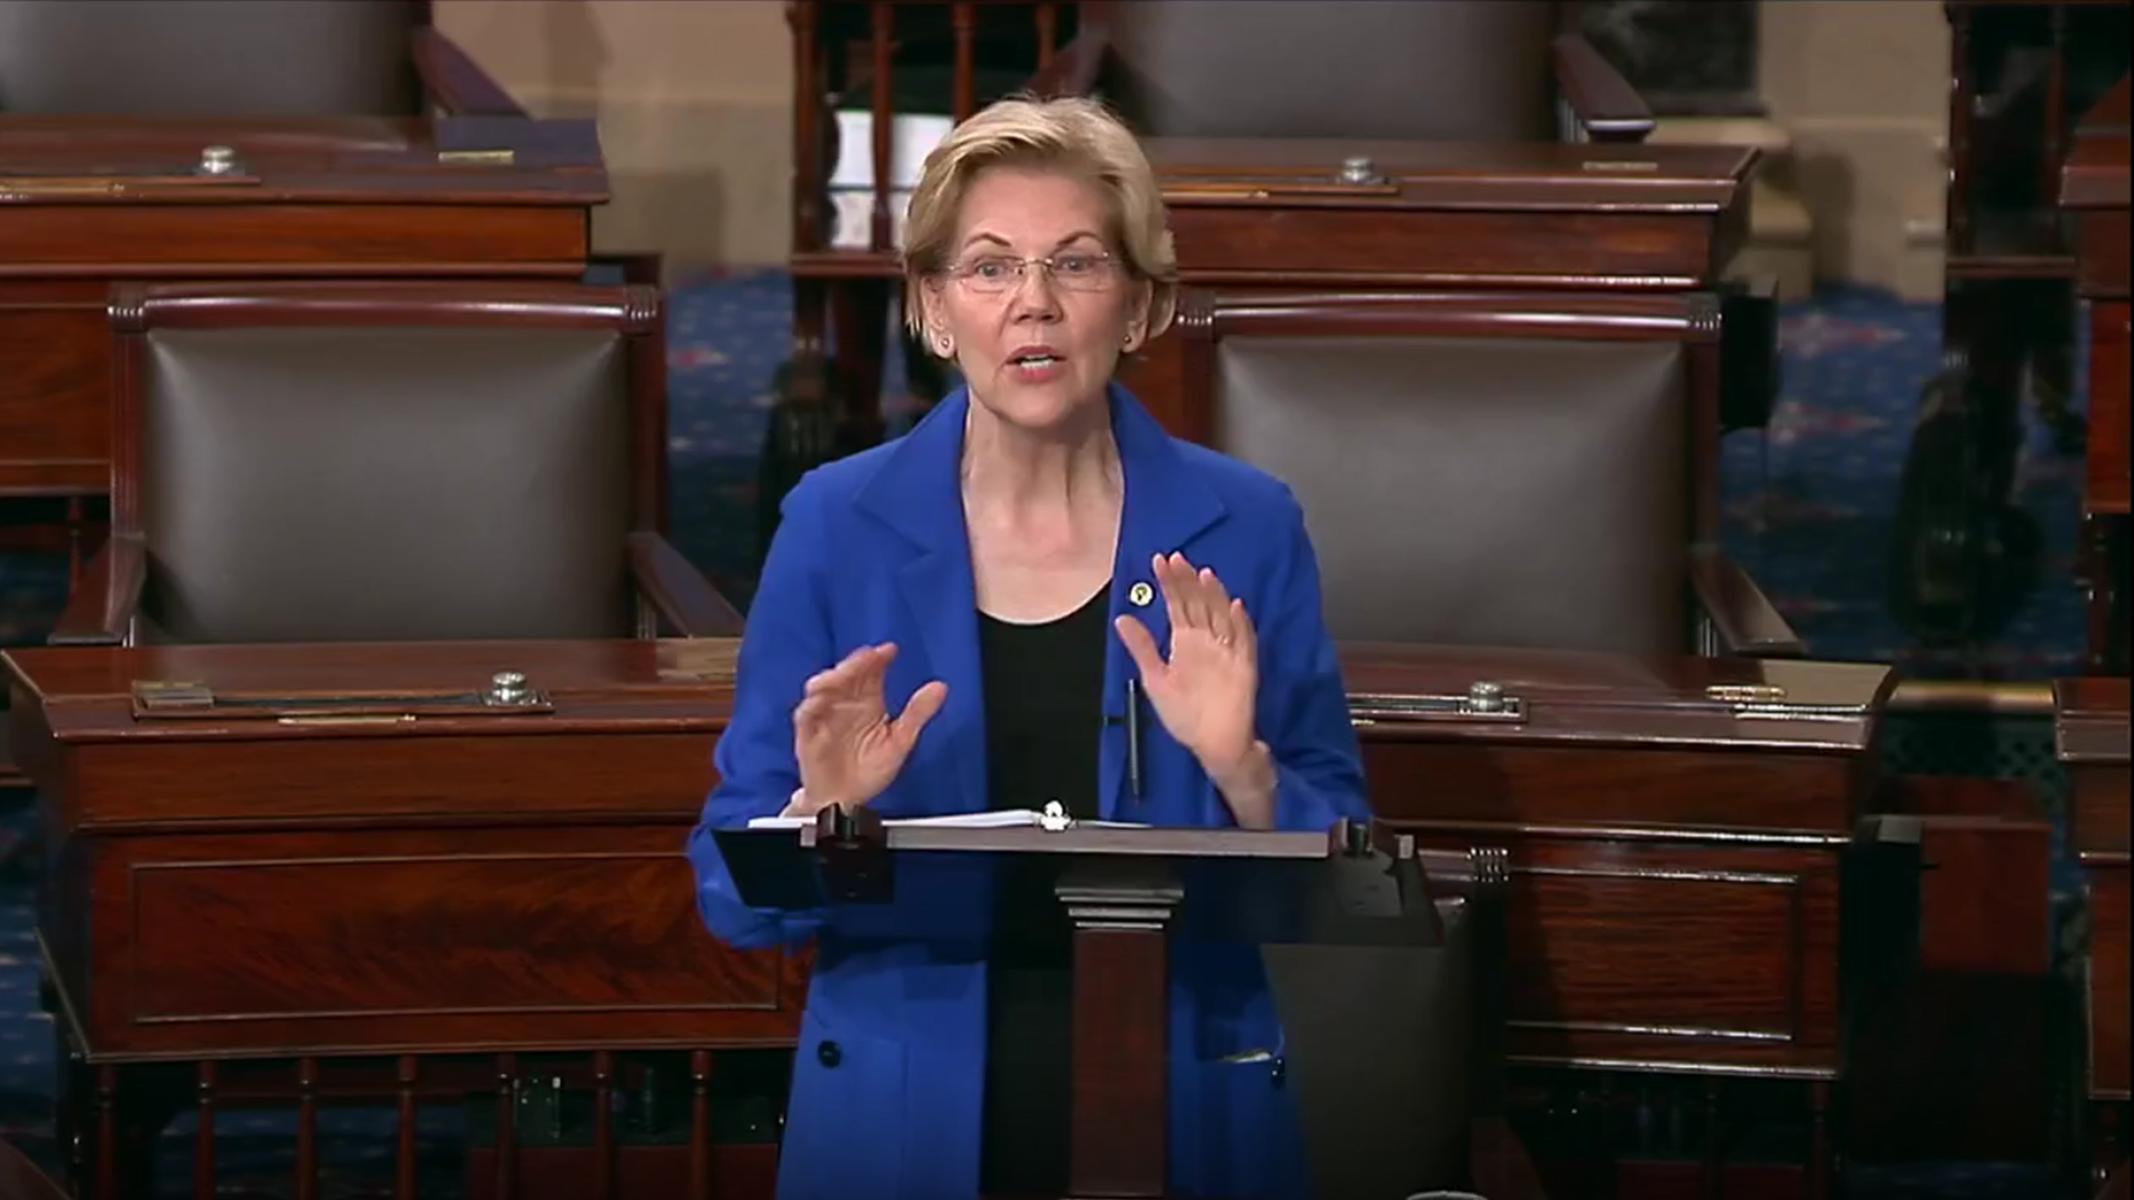 Elizabeth Warren Read Unredacted Portions of the Mueller Report on the Senate Floor